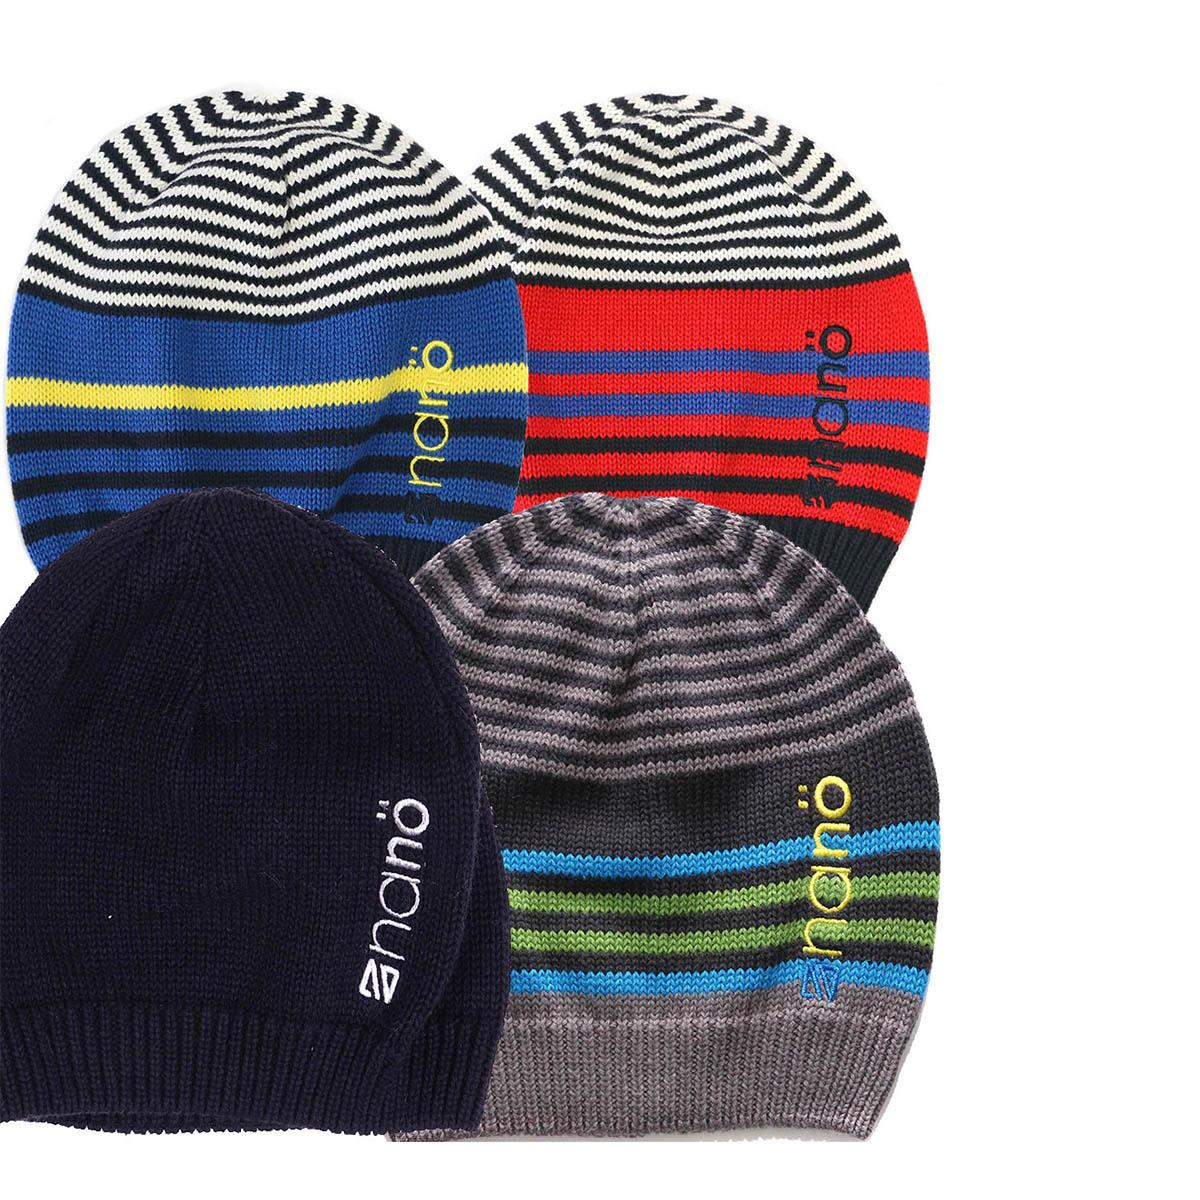 Демисезонные шапки для мальчиков без отворота.